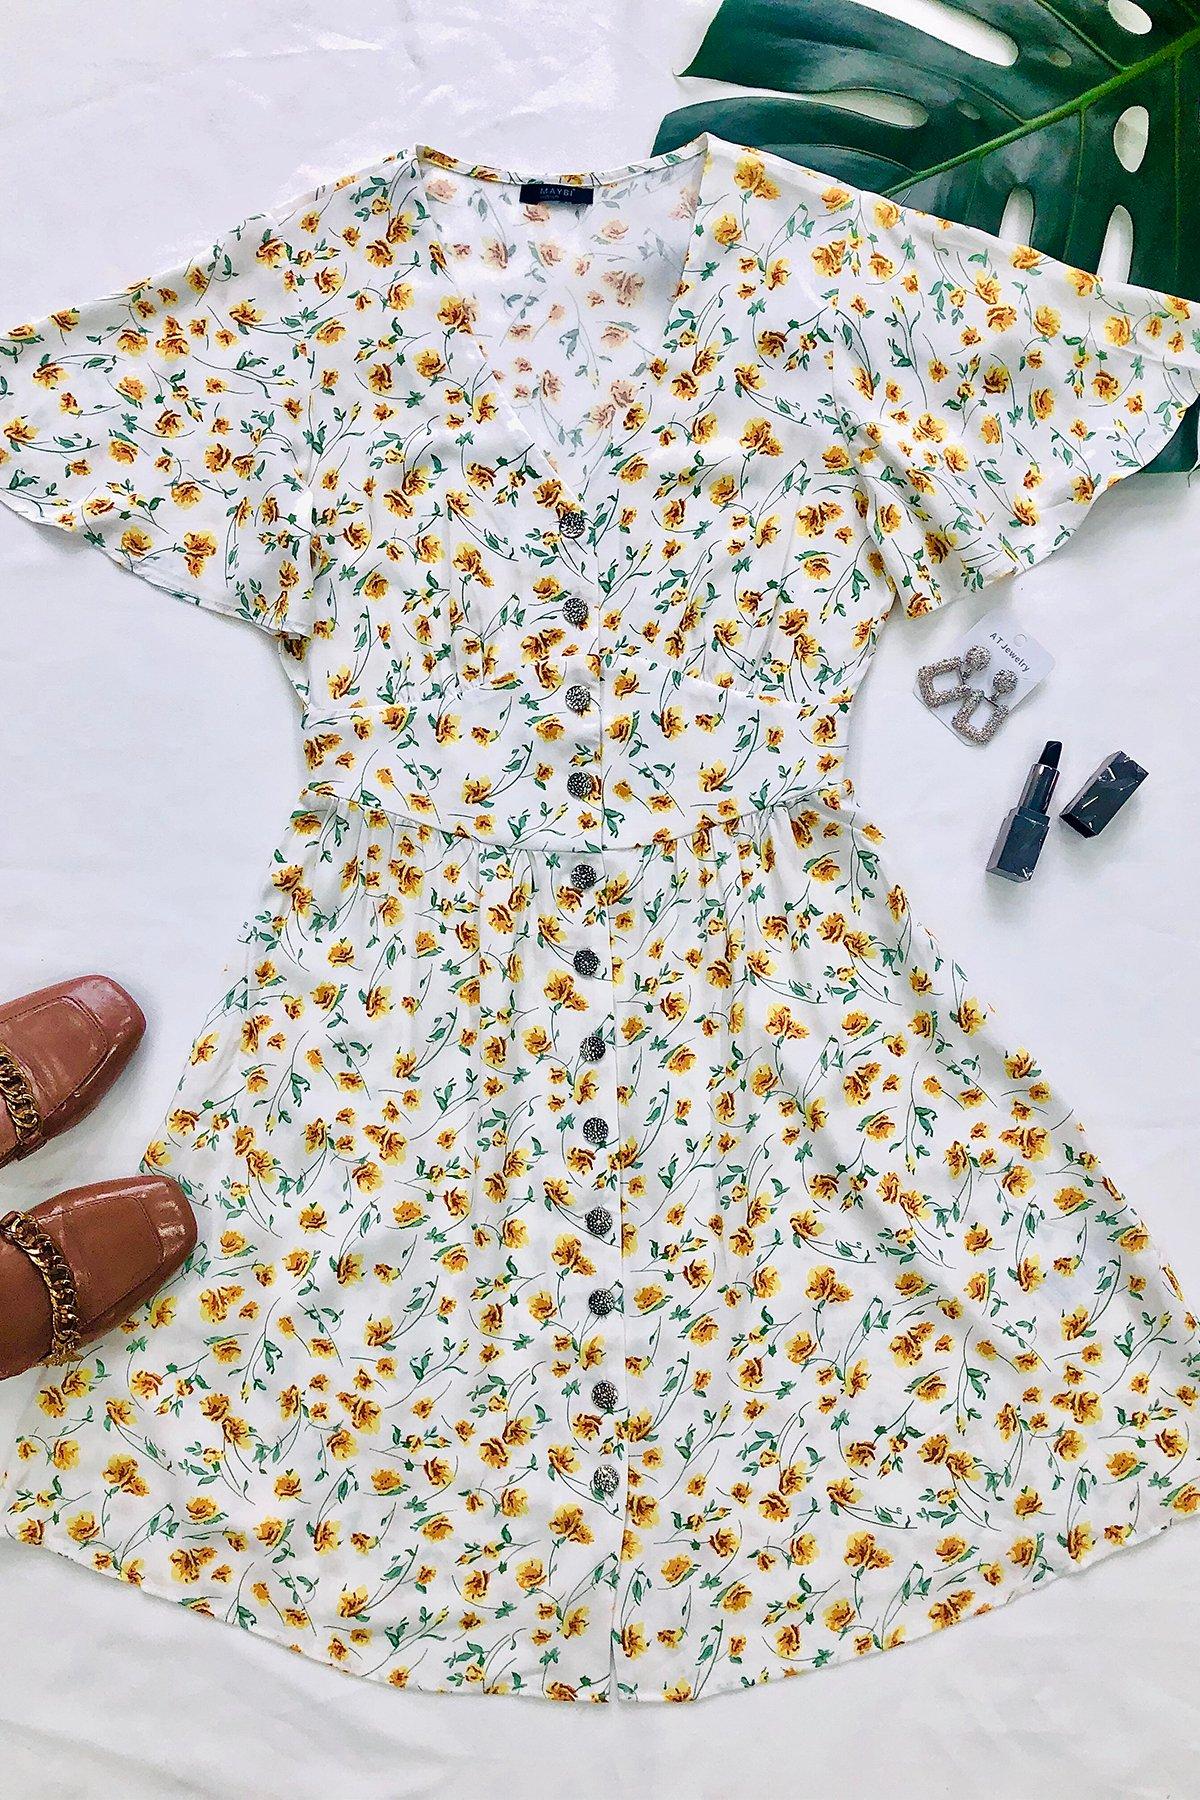 Đầm trắng hoa vàng cổ V cài nút tay cánh tiên Yellow dotties dress